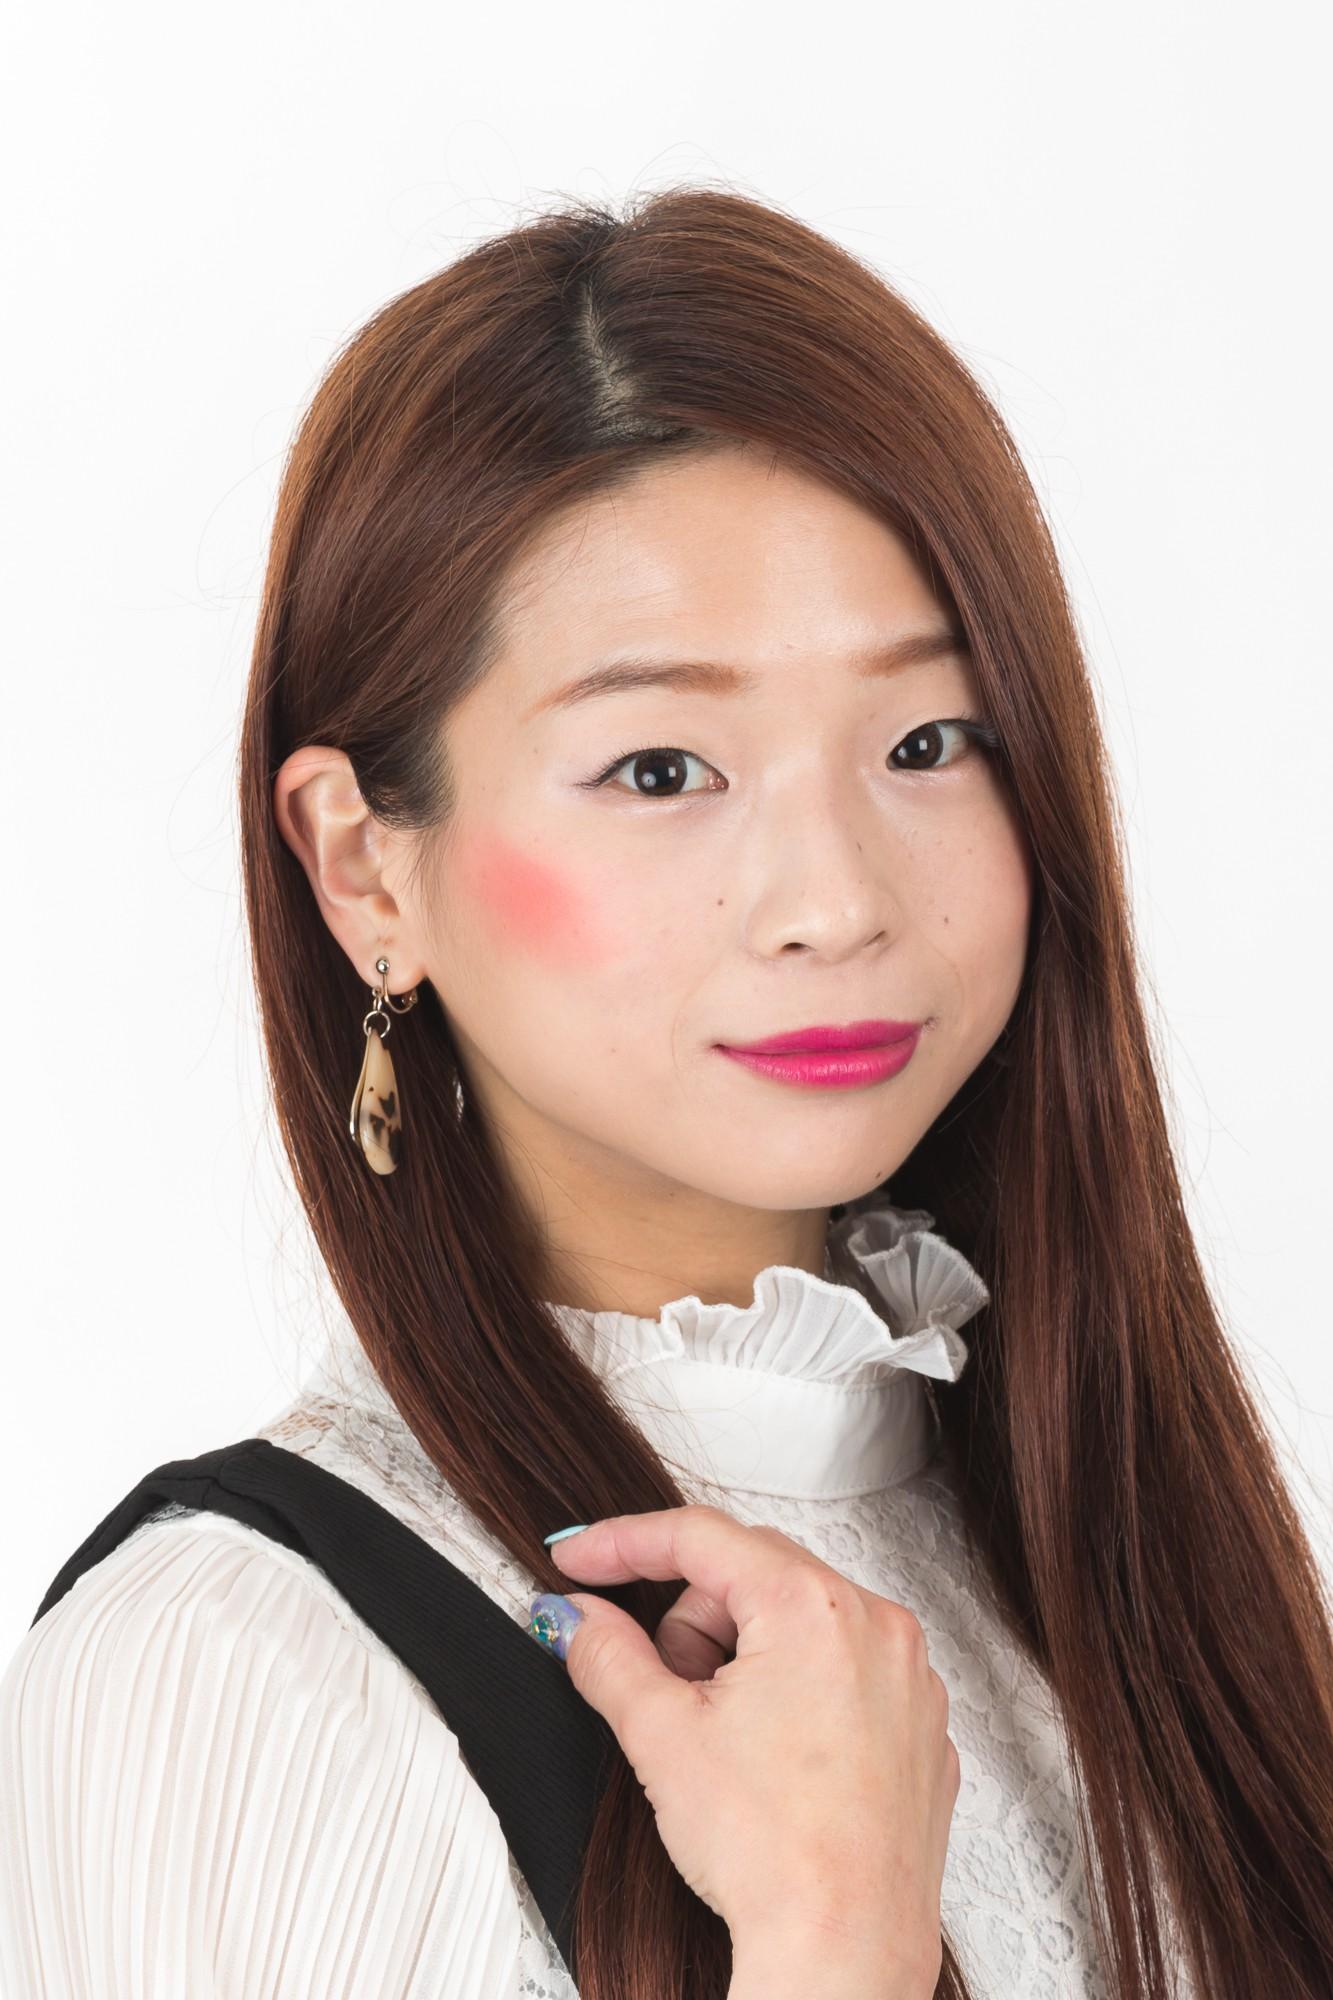 帰山なつみ,NatsumiKiyama